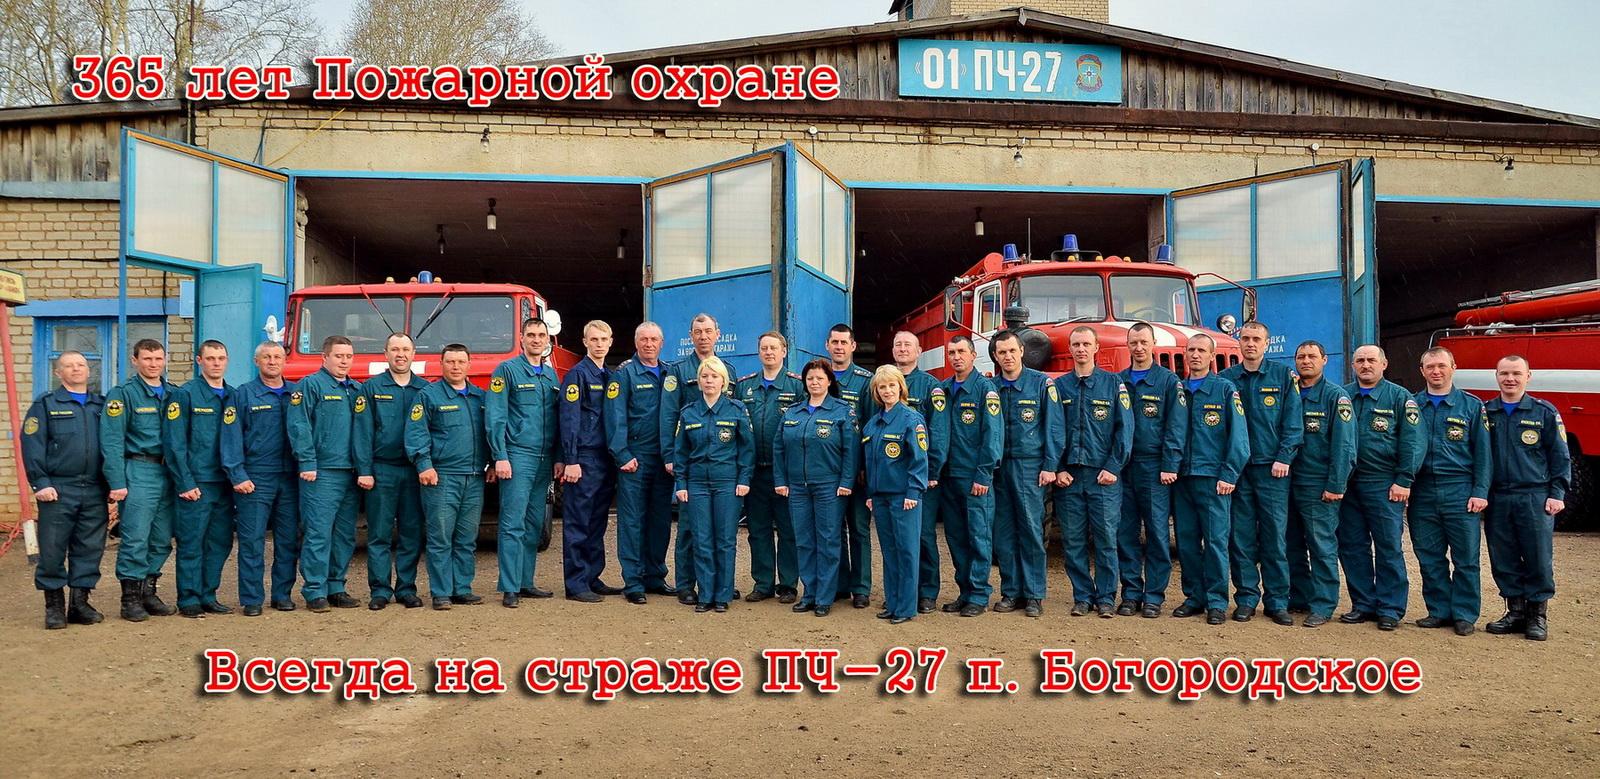 Во владивостоке прошли соревнования пожарных